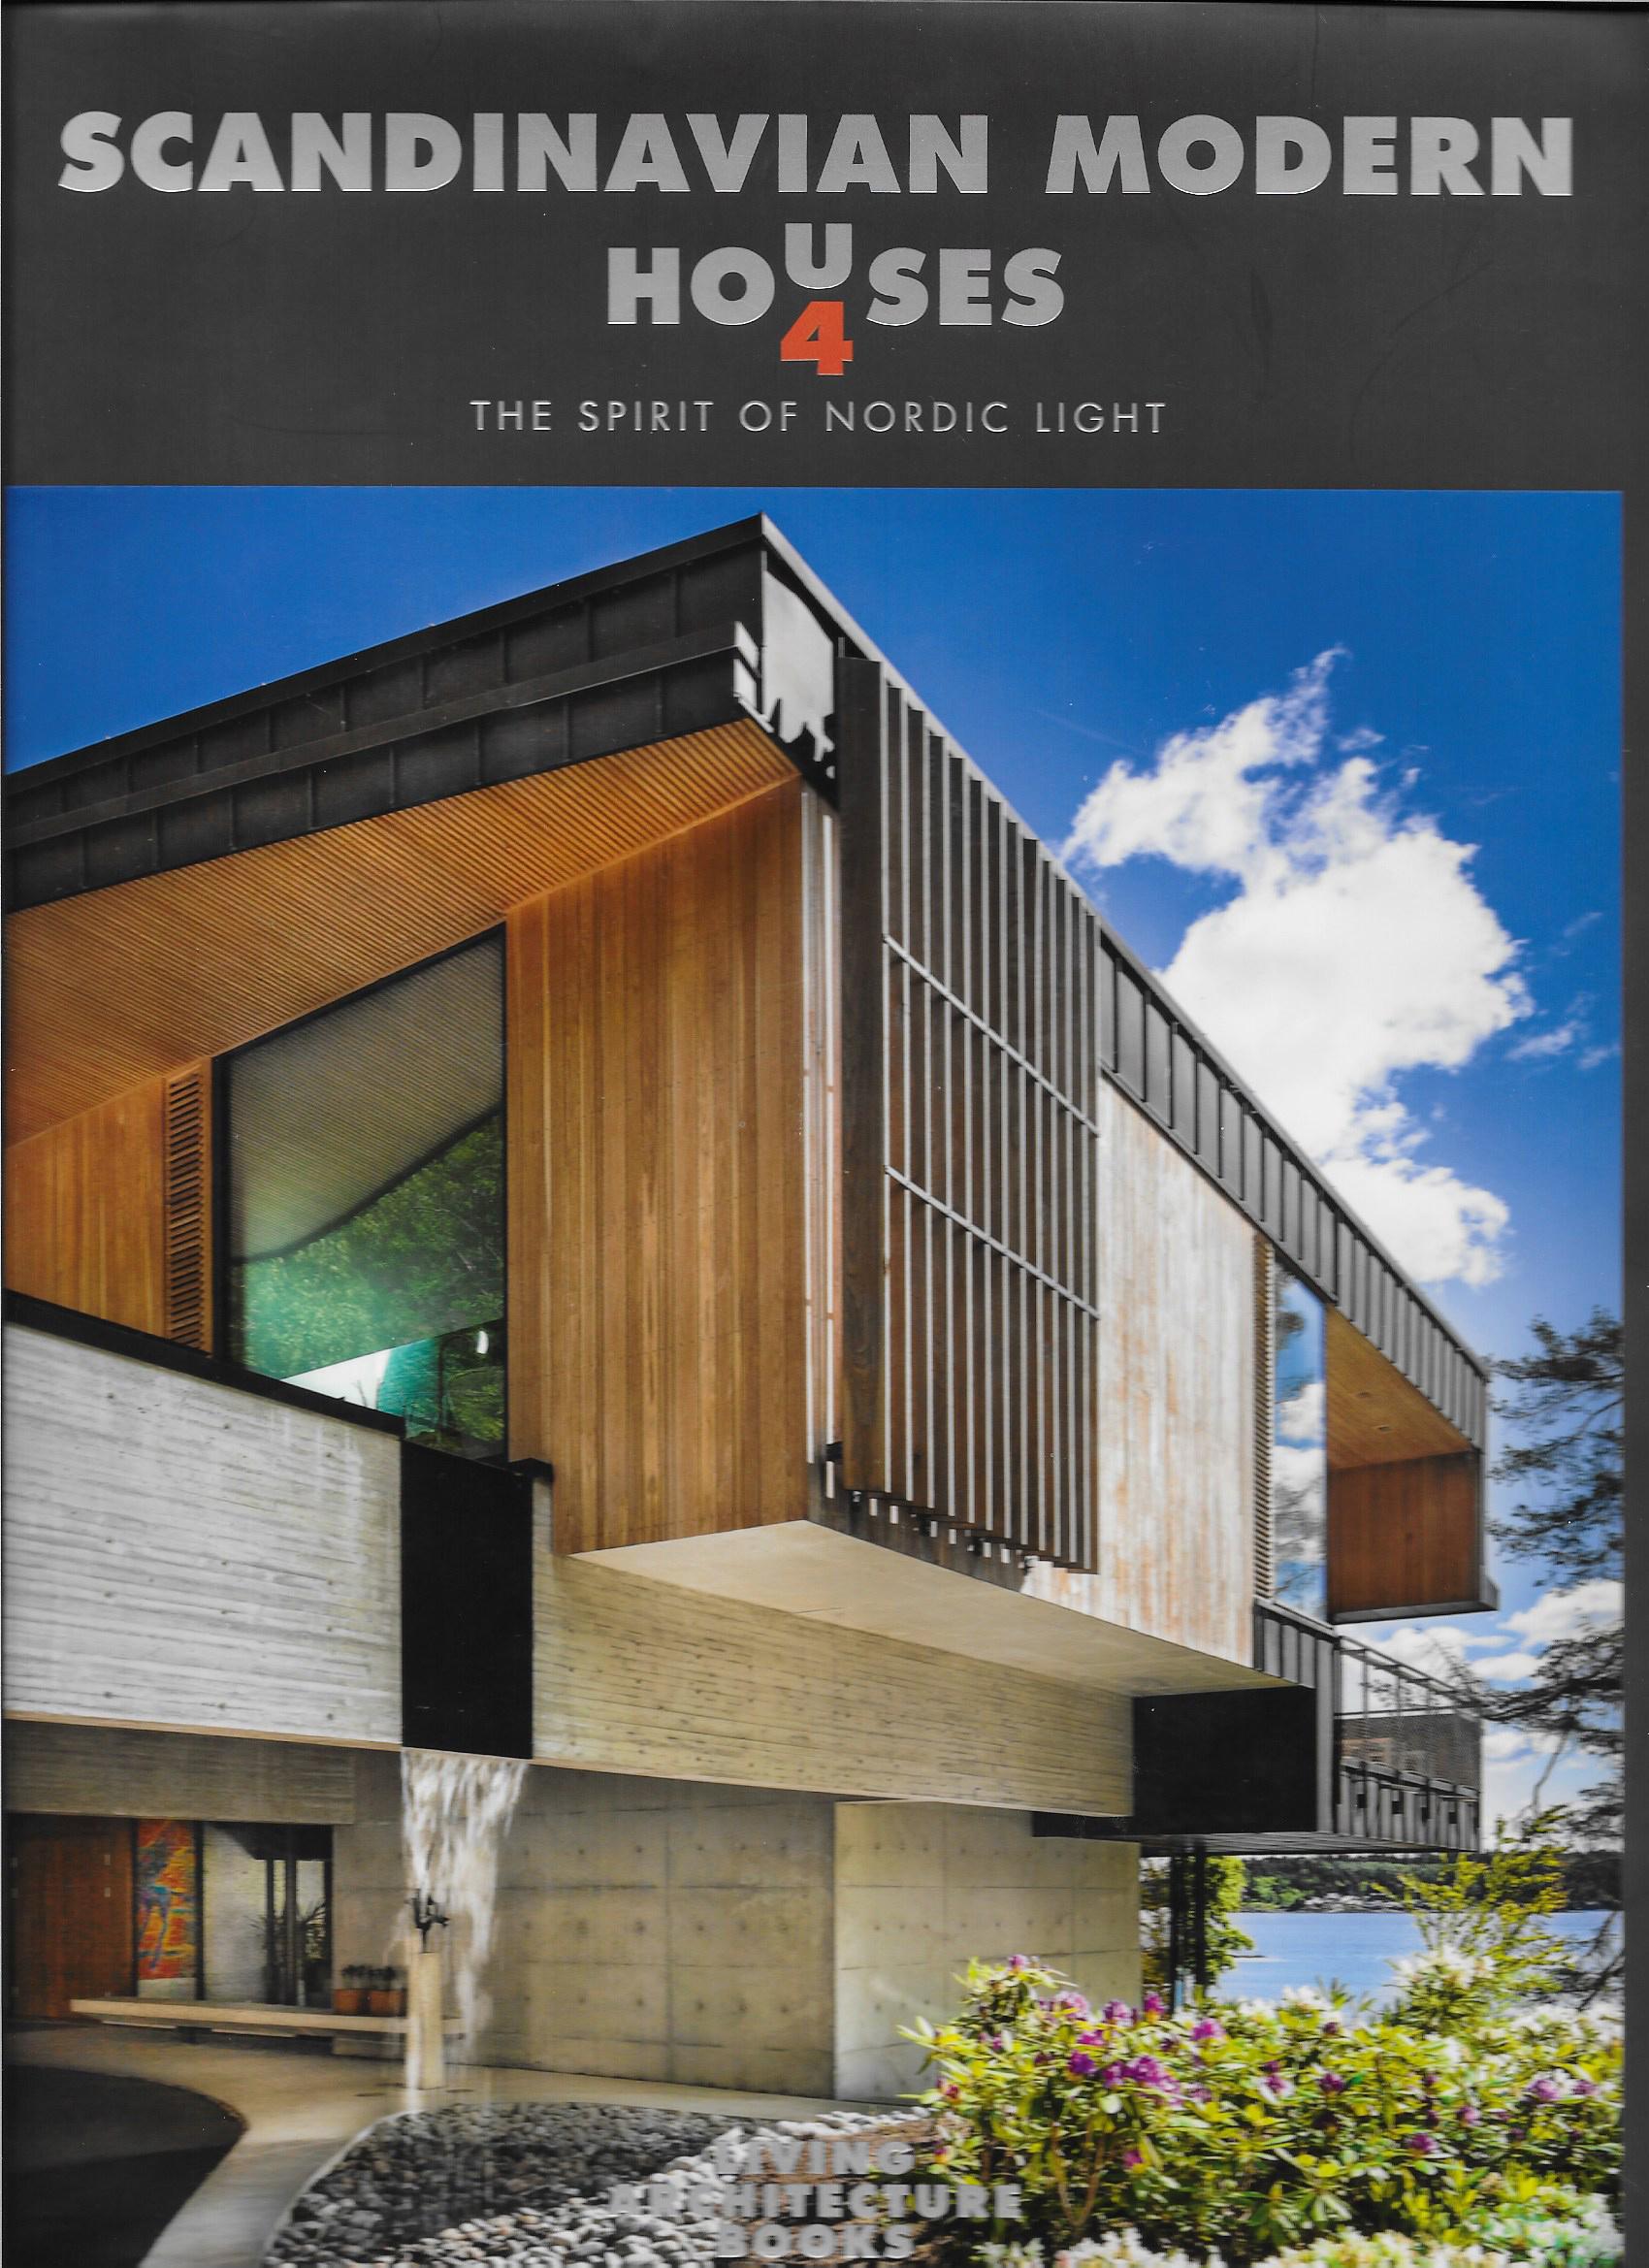 Scandinavian Modern Houses 4 | WoodSolutions